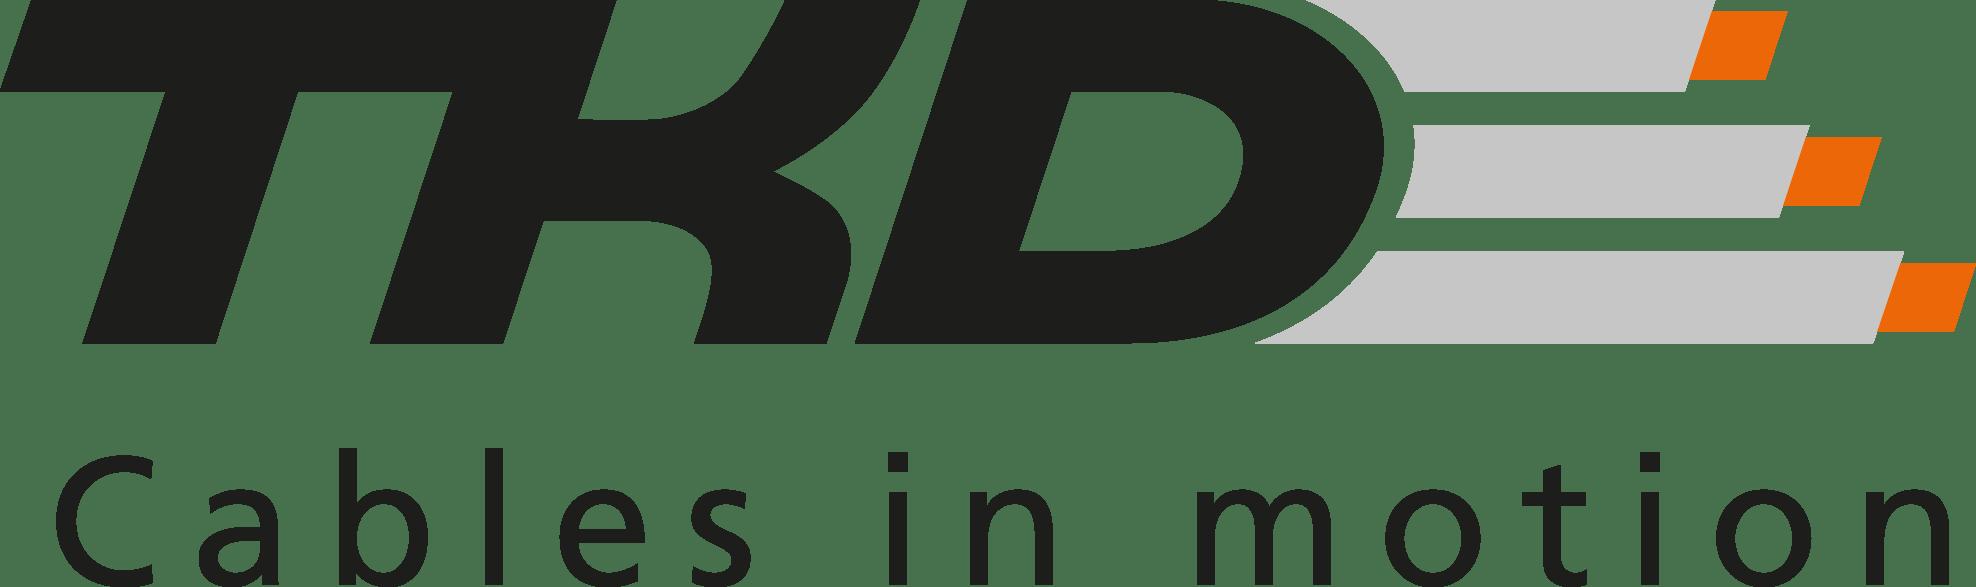 tkd_logo_trans